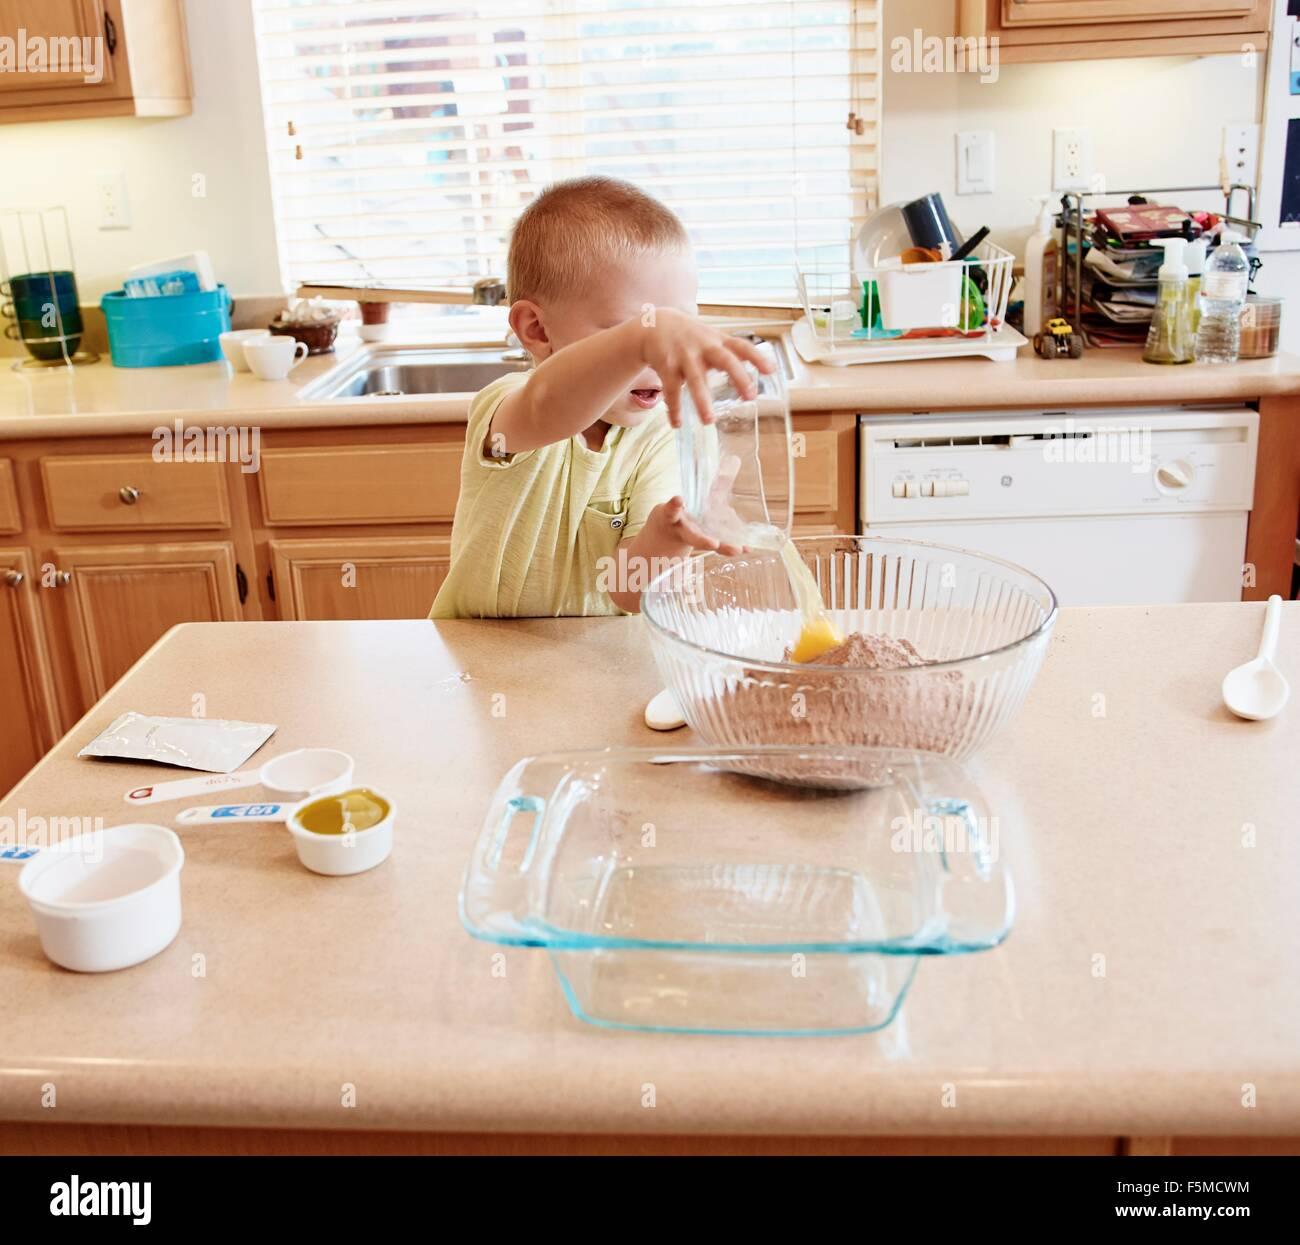 Ragazzo la preparazione della pastella nel recipiente di miscelazione Immagini Stock